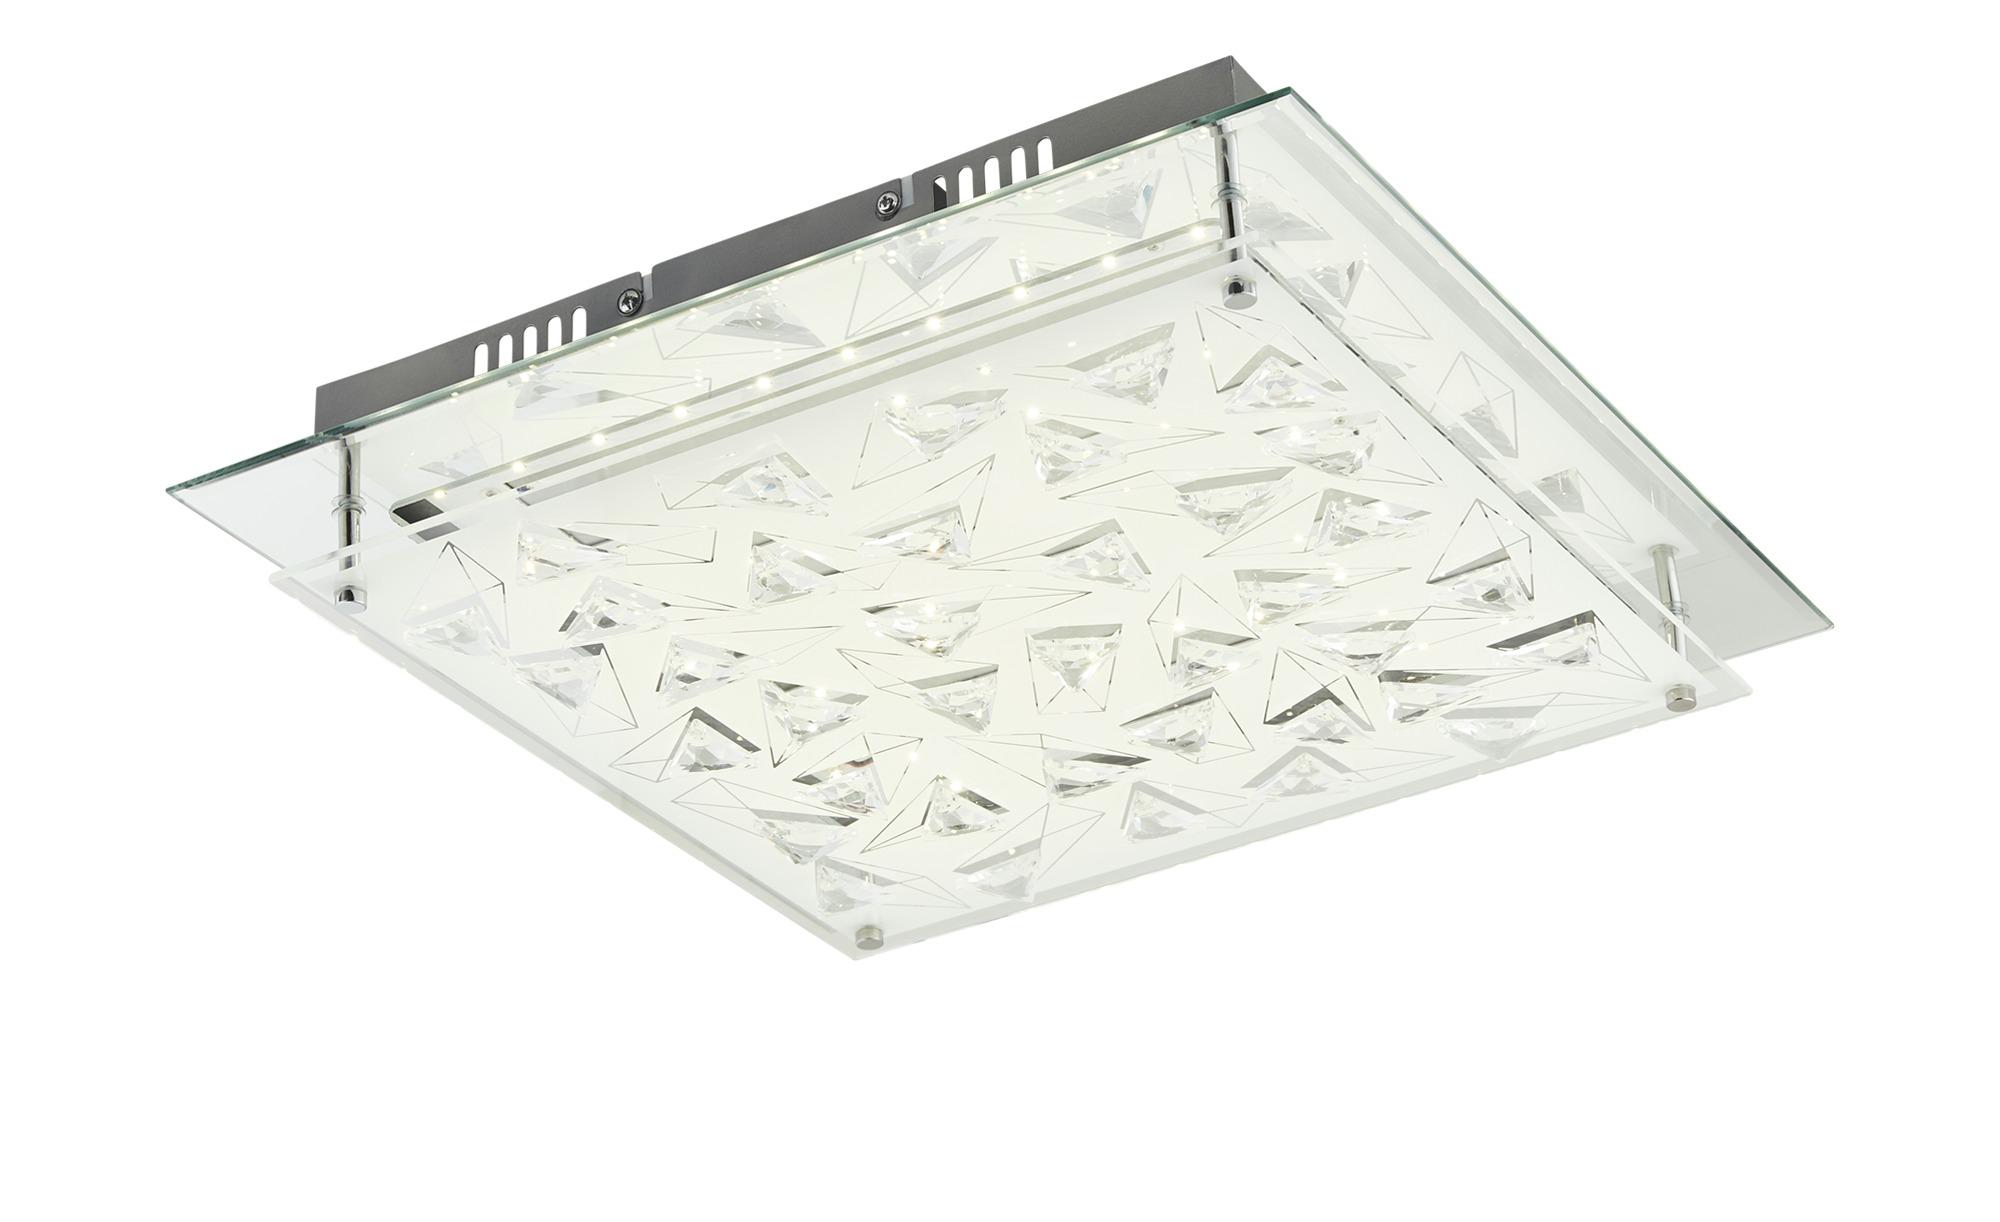 KHG LED-Deckenleuchte mit Kristallverzierung ¦ silber ¦ Maße (cm): B: 43 H: 8,5 Lampen & Leuchten > Innenleuchten > Deckenleuchten - Höffner